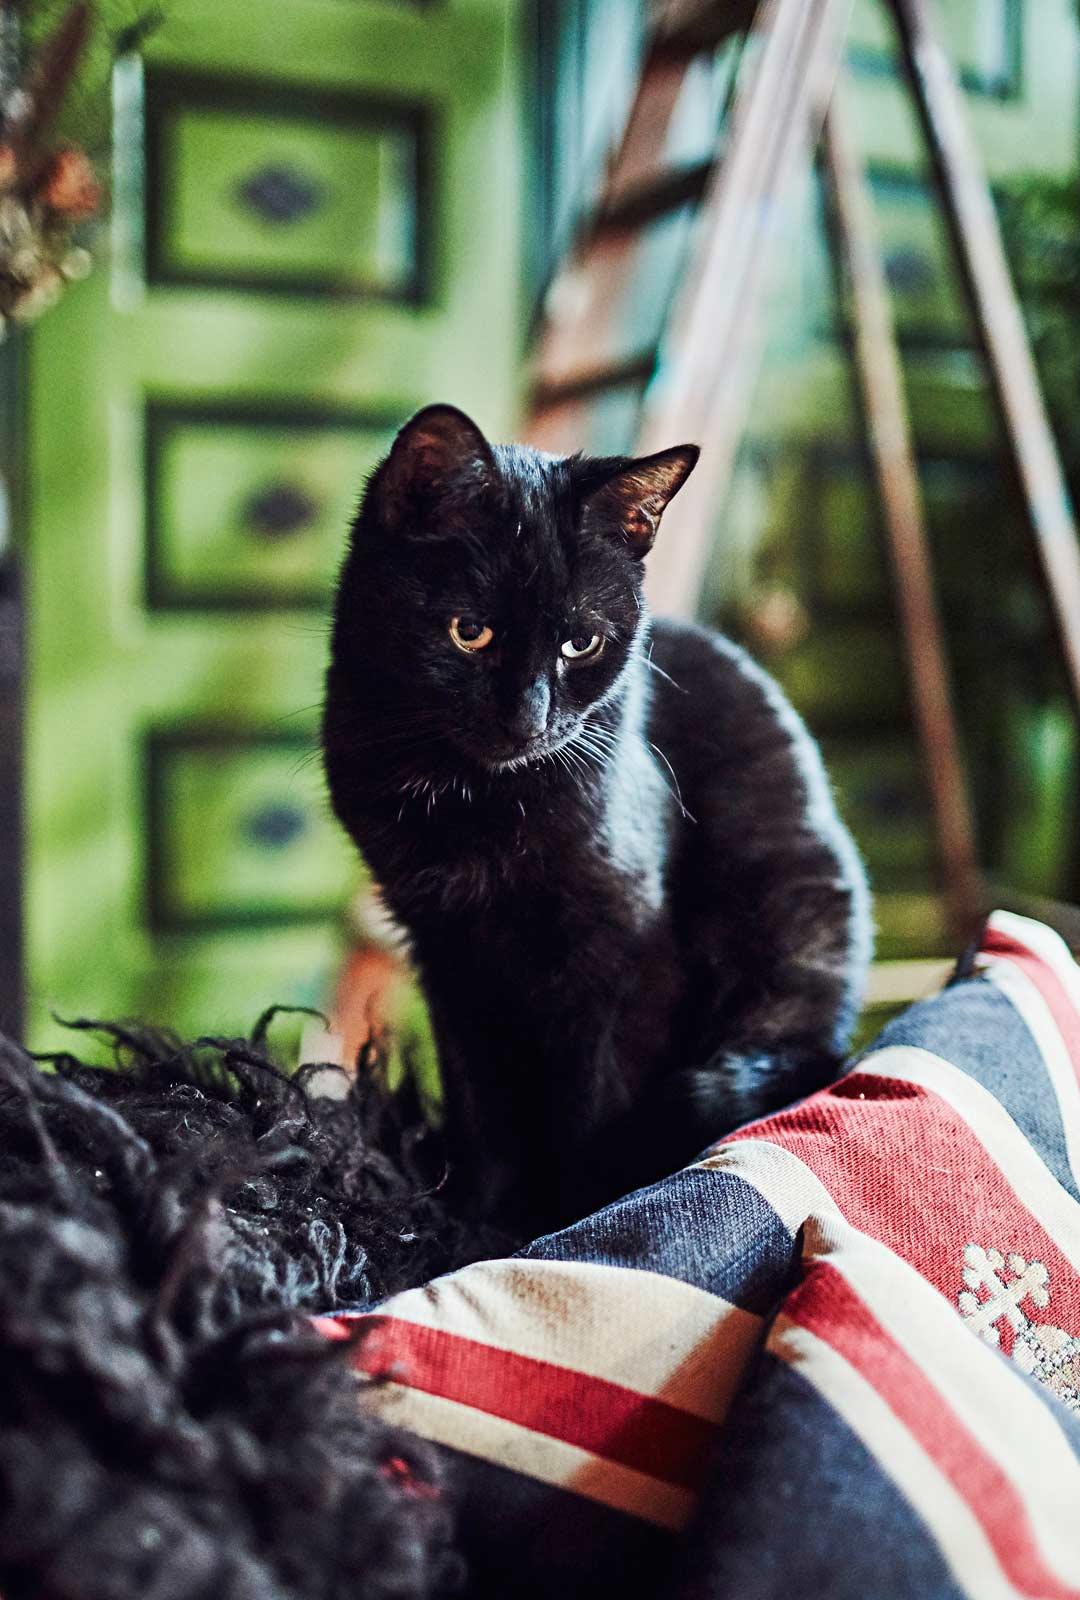 Myrkky-kissa viihtyy myrkynvihreiden kaapinovien edessä. Se on yksi Terhin lempivärejä.